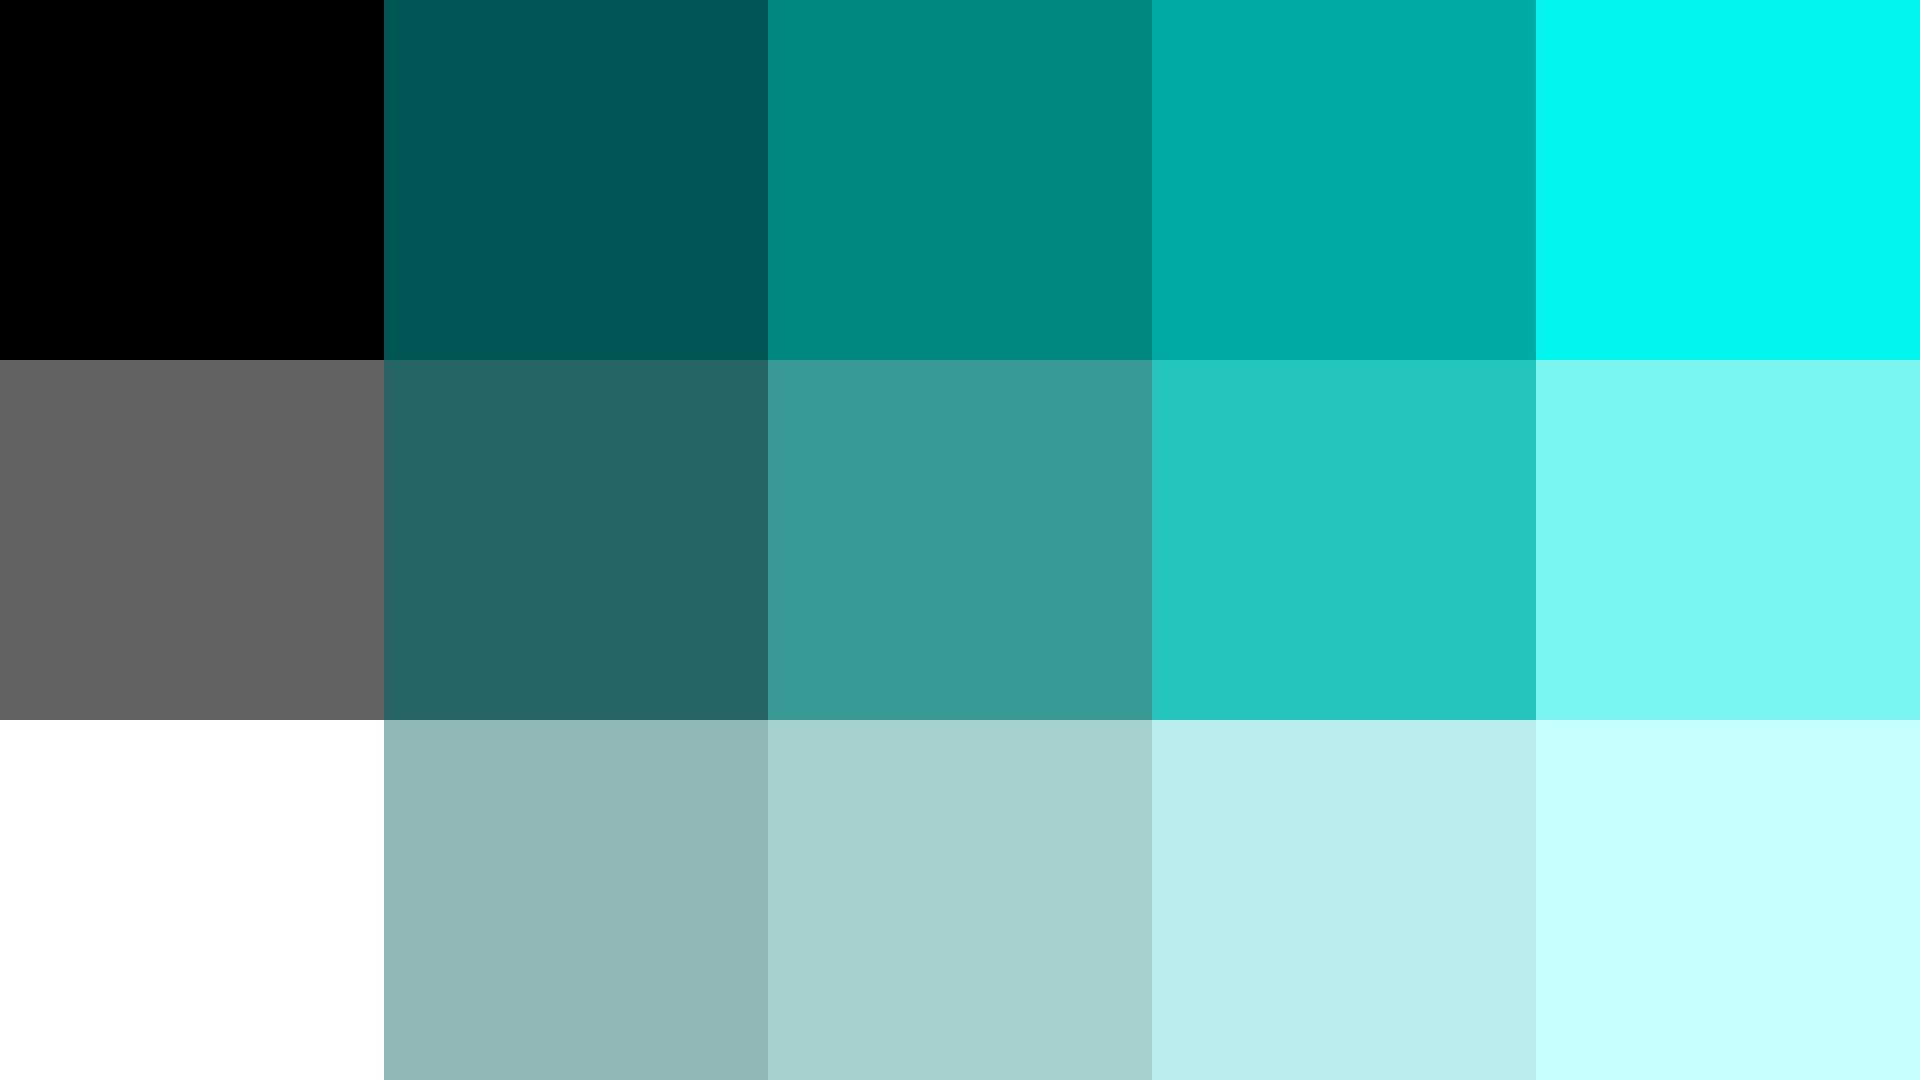 Цветовая палитра как часть дизайн-системы